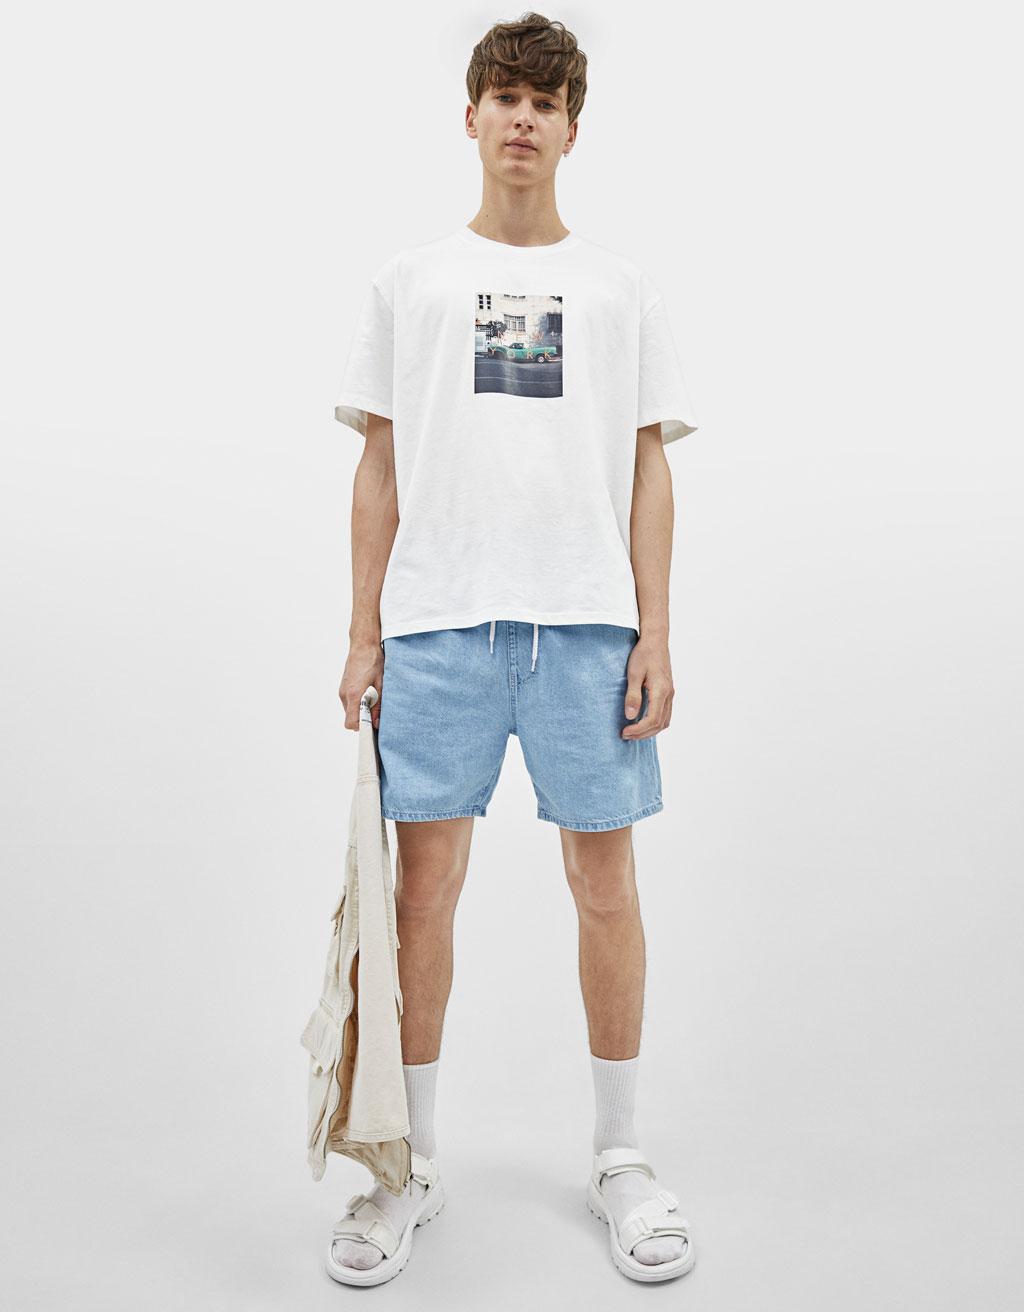 Majica s potiskom fotografije